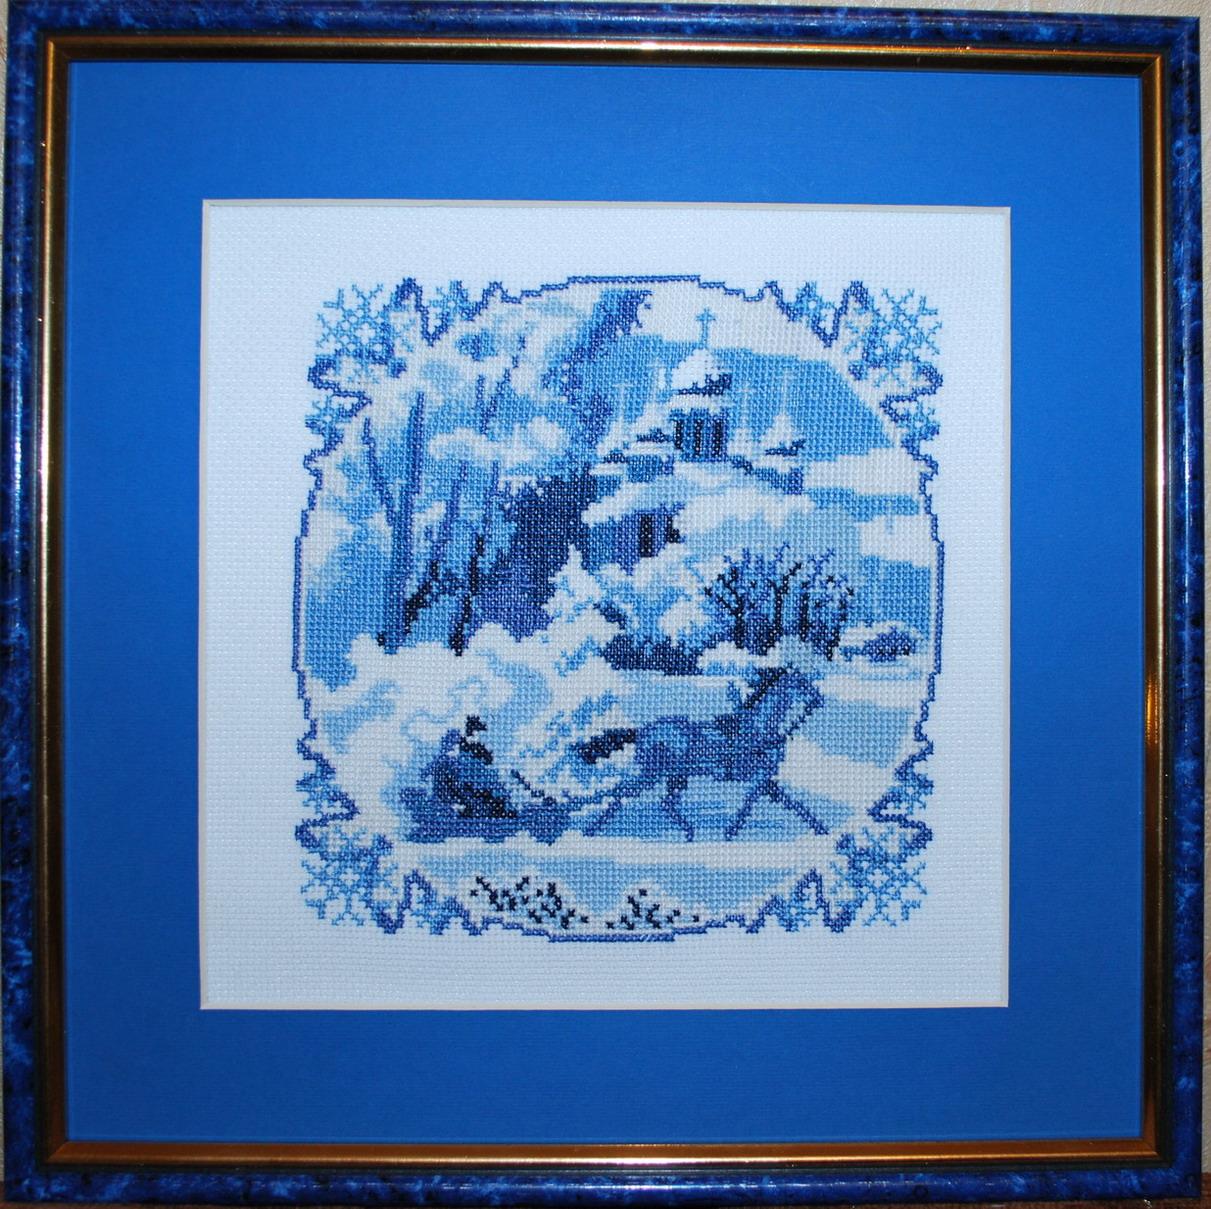 Золотое руно серия Голубые сны. Пейзажи